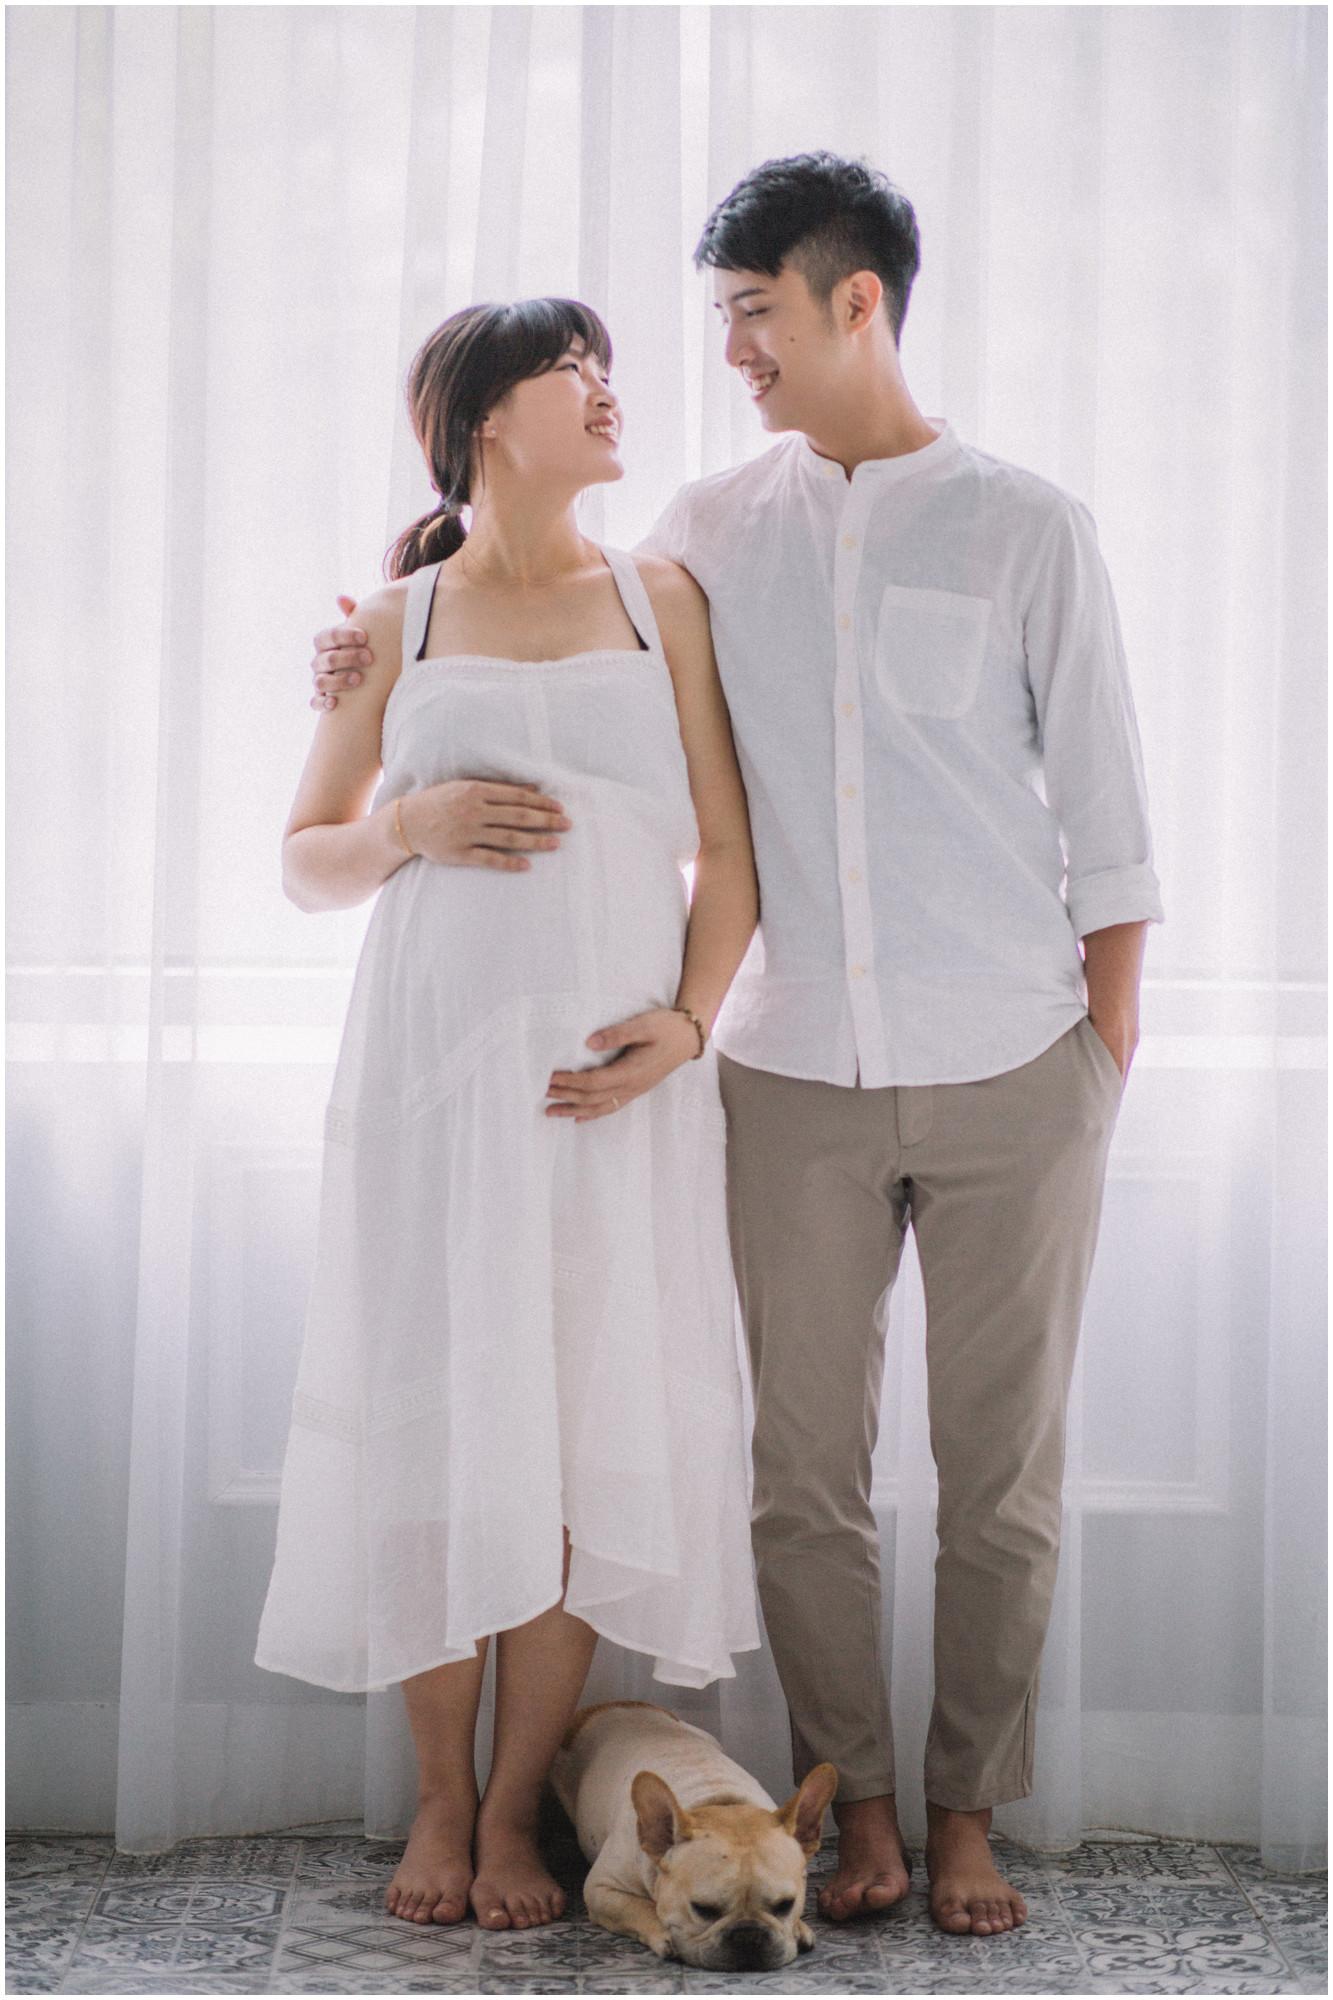 板橋孕期寫真 / 台北孕婦寫真 / 妊娠寫真 / 清新自然  / 親子寫真 / 素人寫真 / 寵物寫真 / 柴犬 / 法鬥 / 孕婦禮服 / 孕婦婚紗